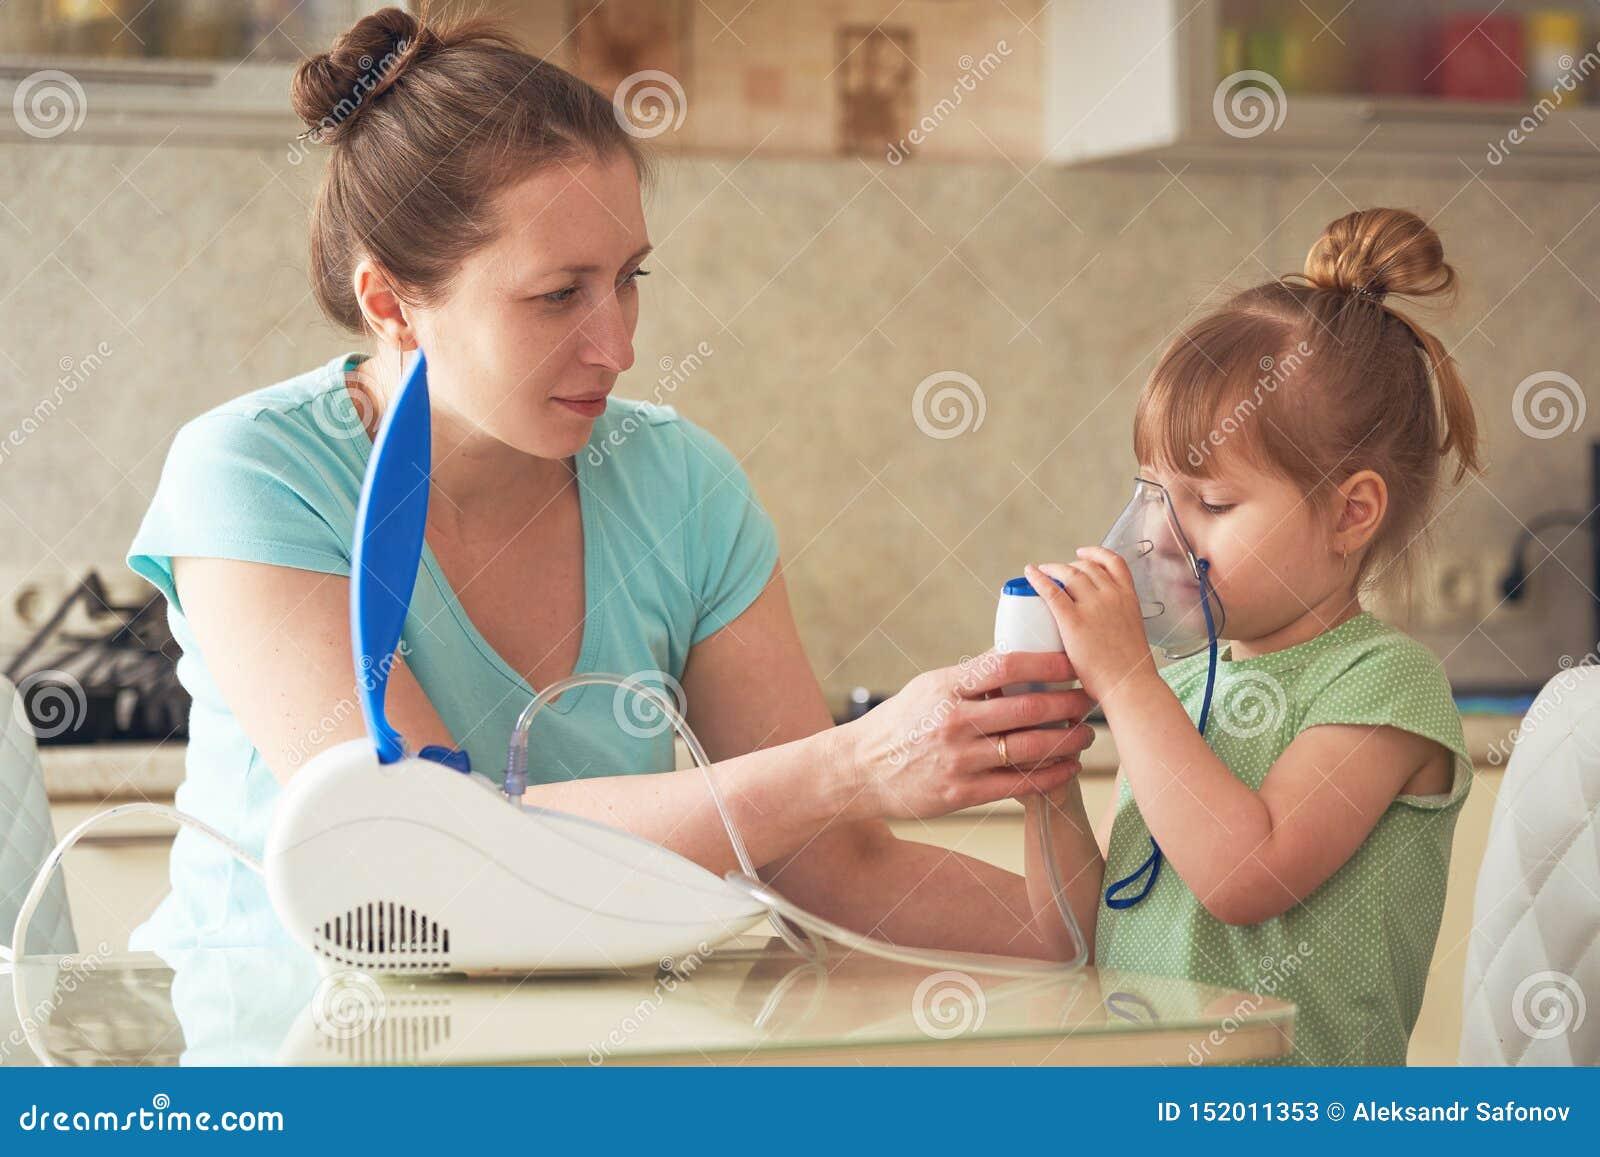 Una mujer hace la inhalación a un niño en casa trae la máscara del nebulizador a su cara inhala el vapor de la medicación La much